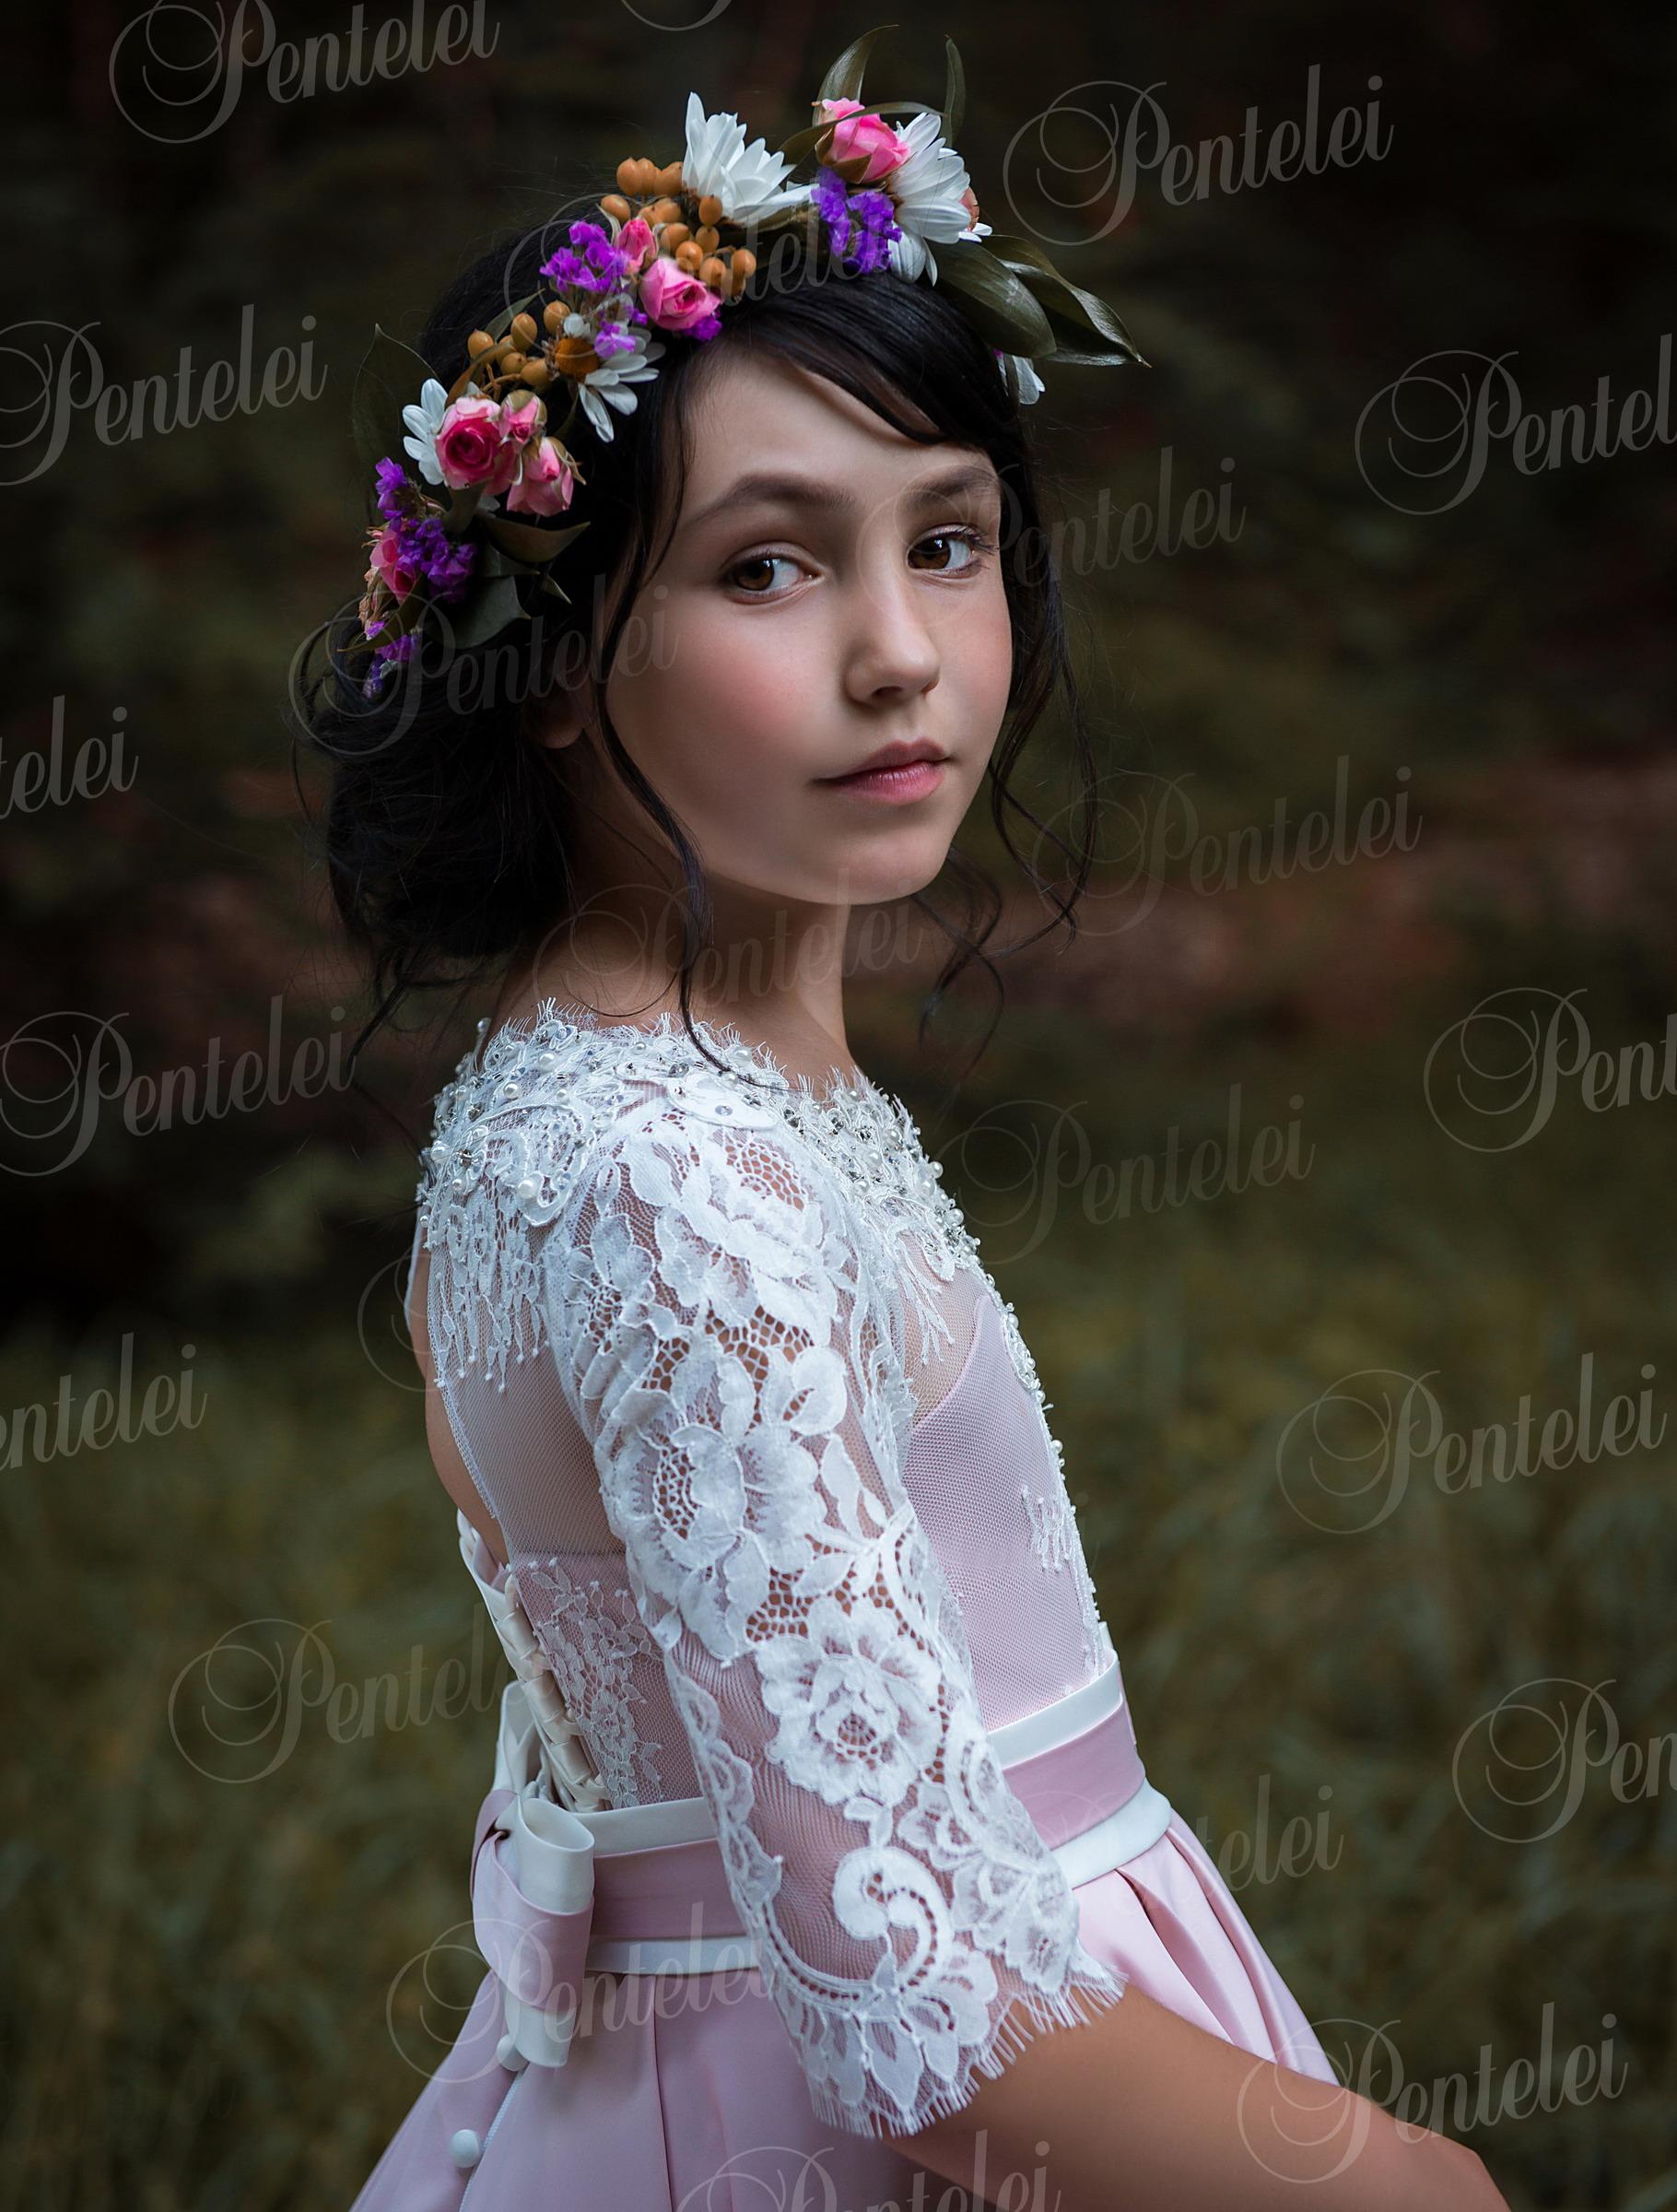 2187 | Купить детские платья оптом от Pentelei